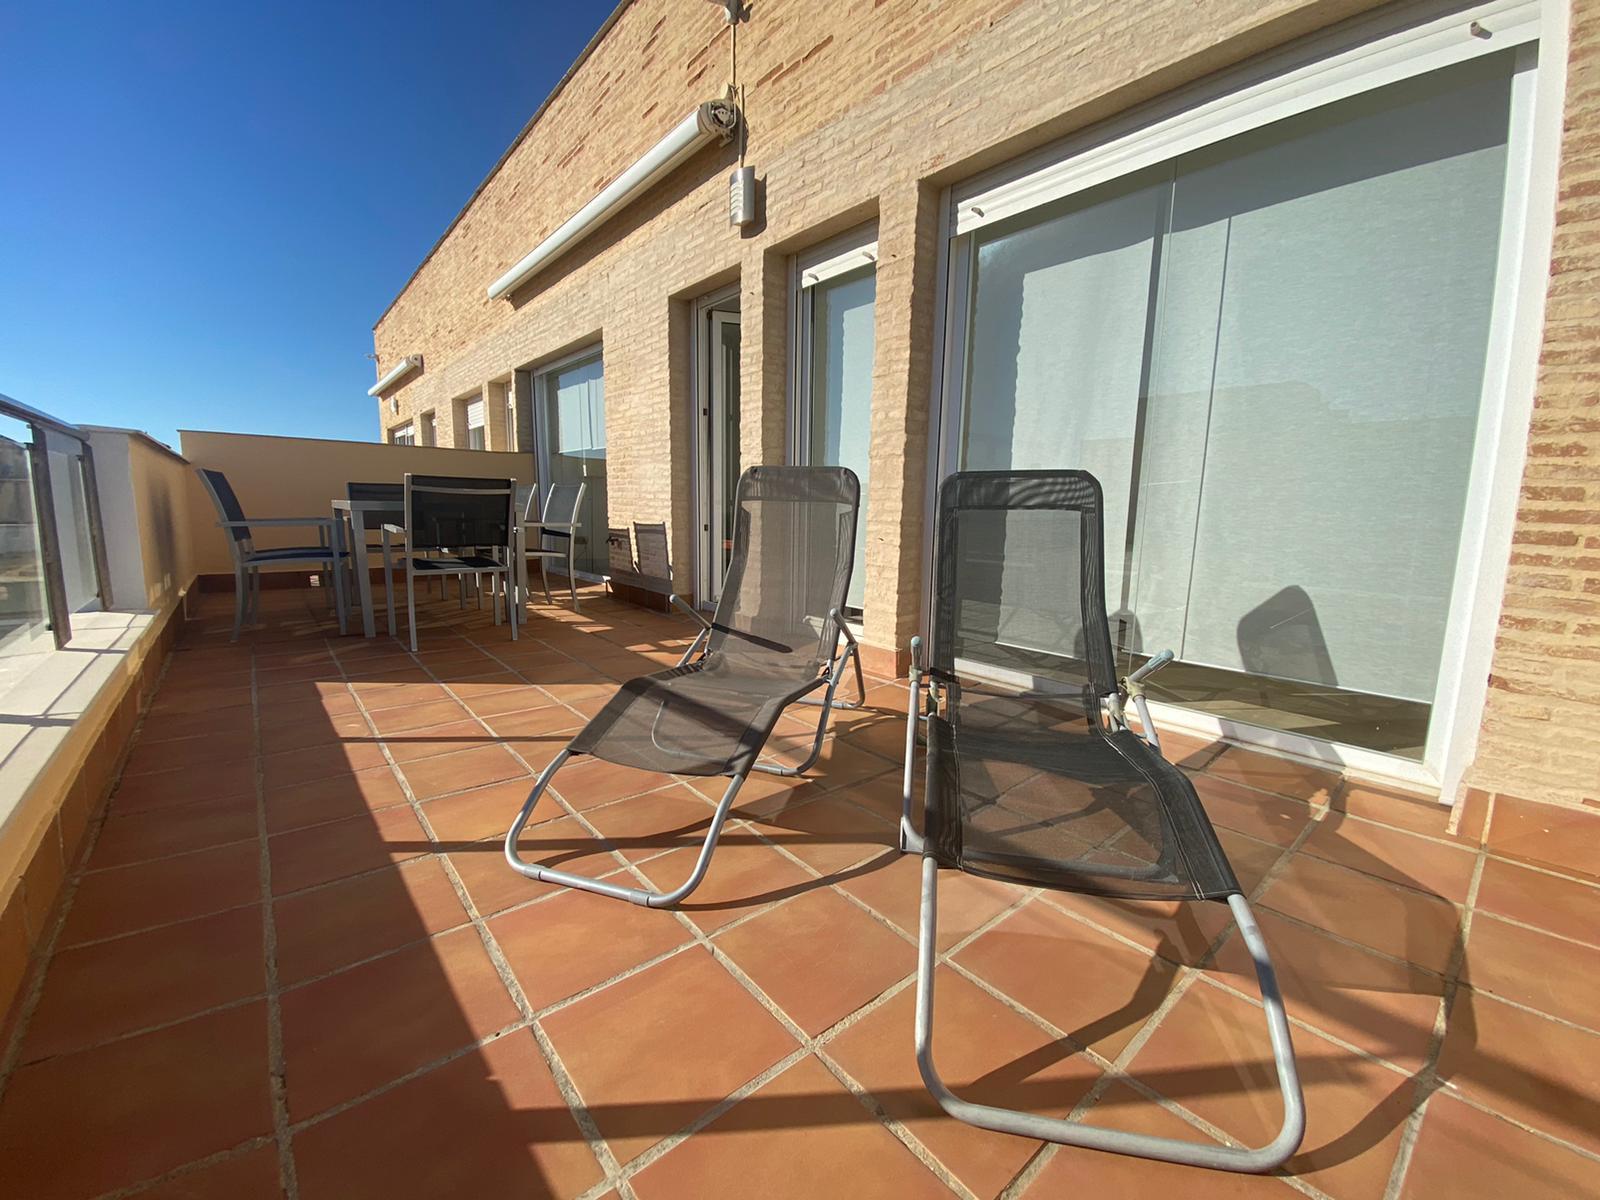 Imagen 51 del Apartamento Turístico, Ático 1 Levante (3d+2b), Punta del Moral (HUELVA), Paseo de la Cruz nº22